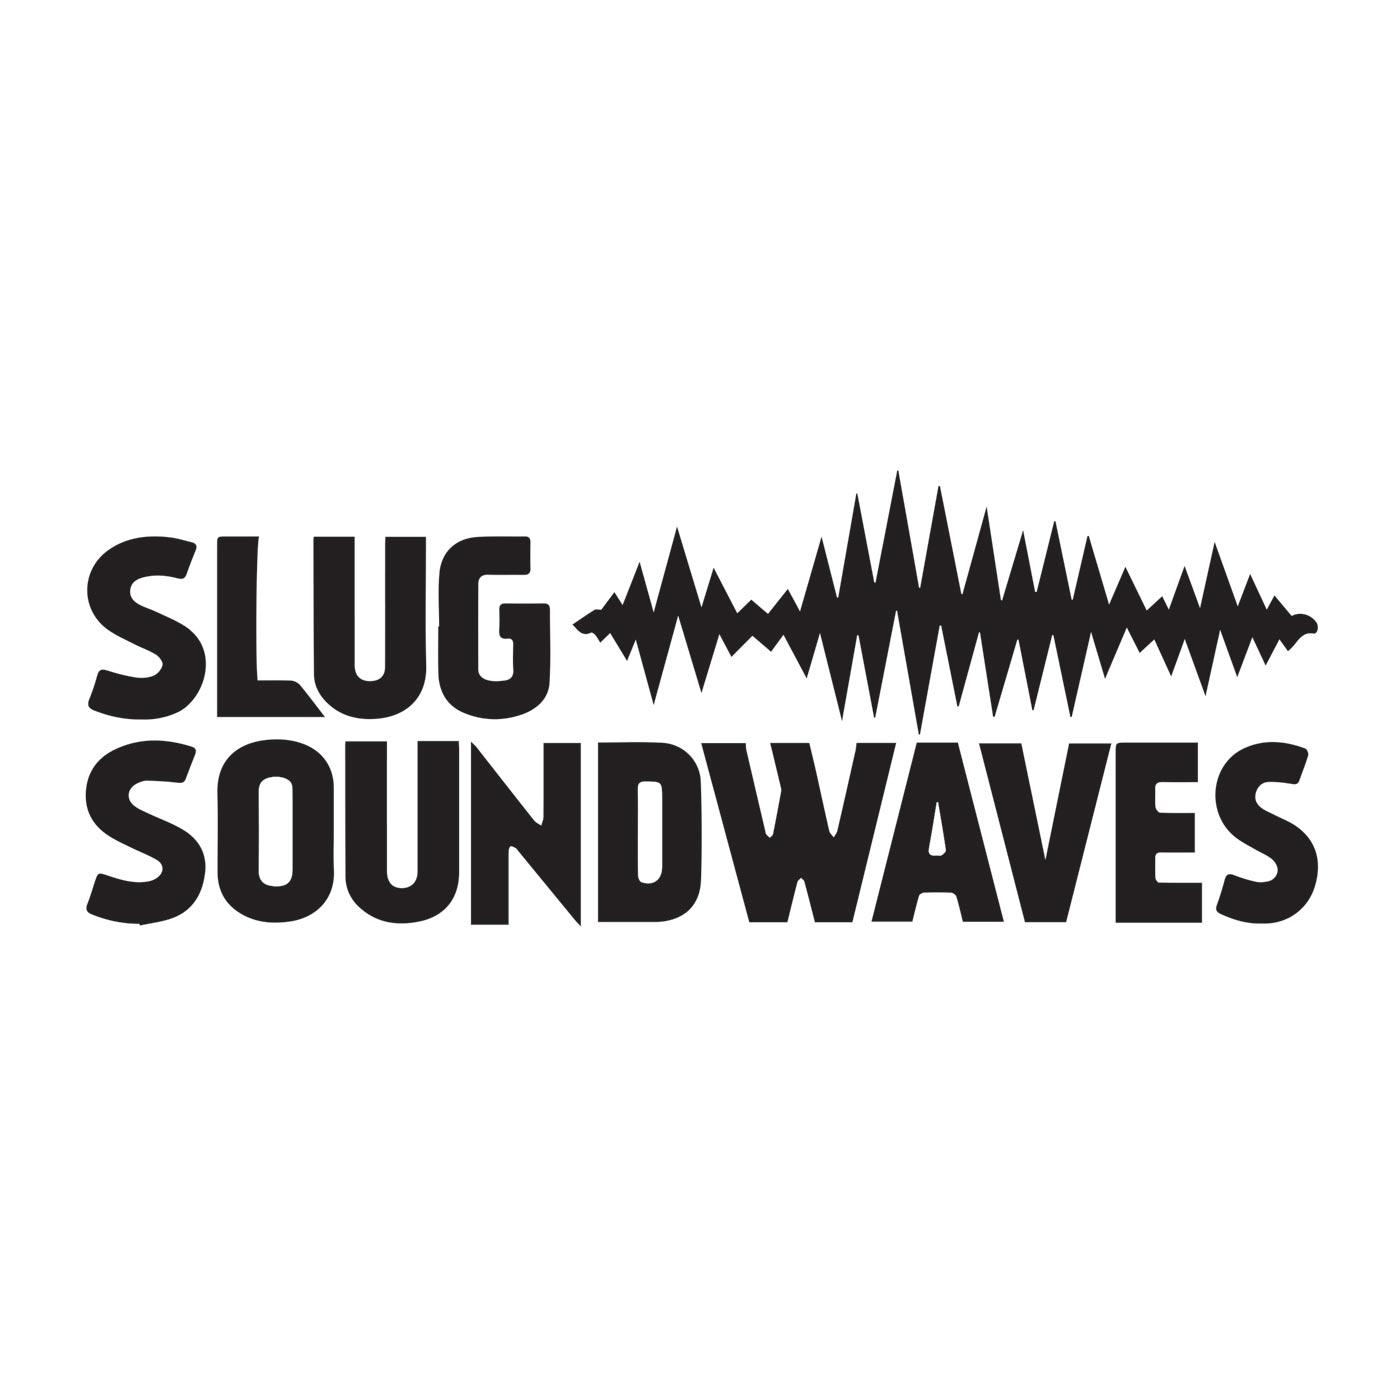 SLUG Soundwaves